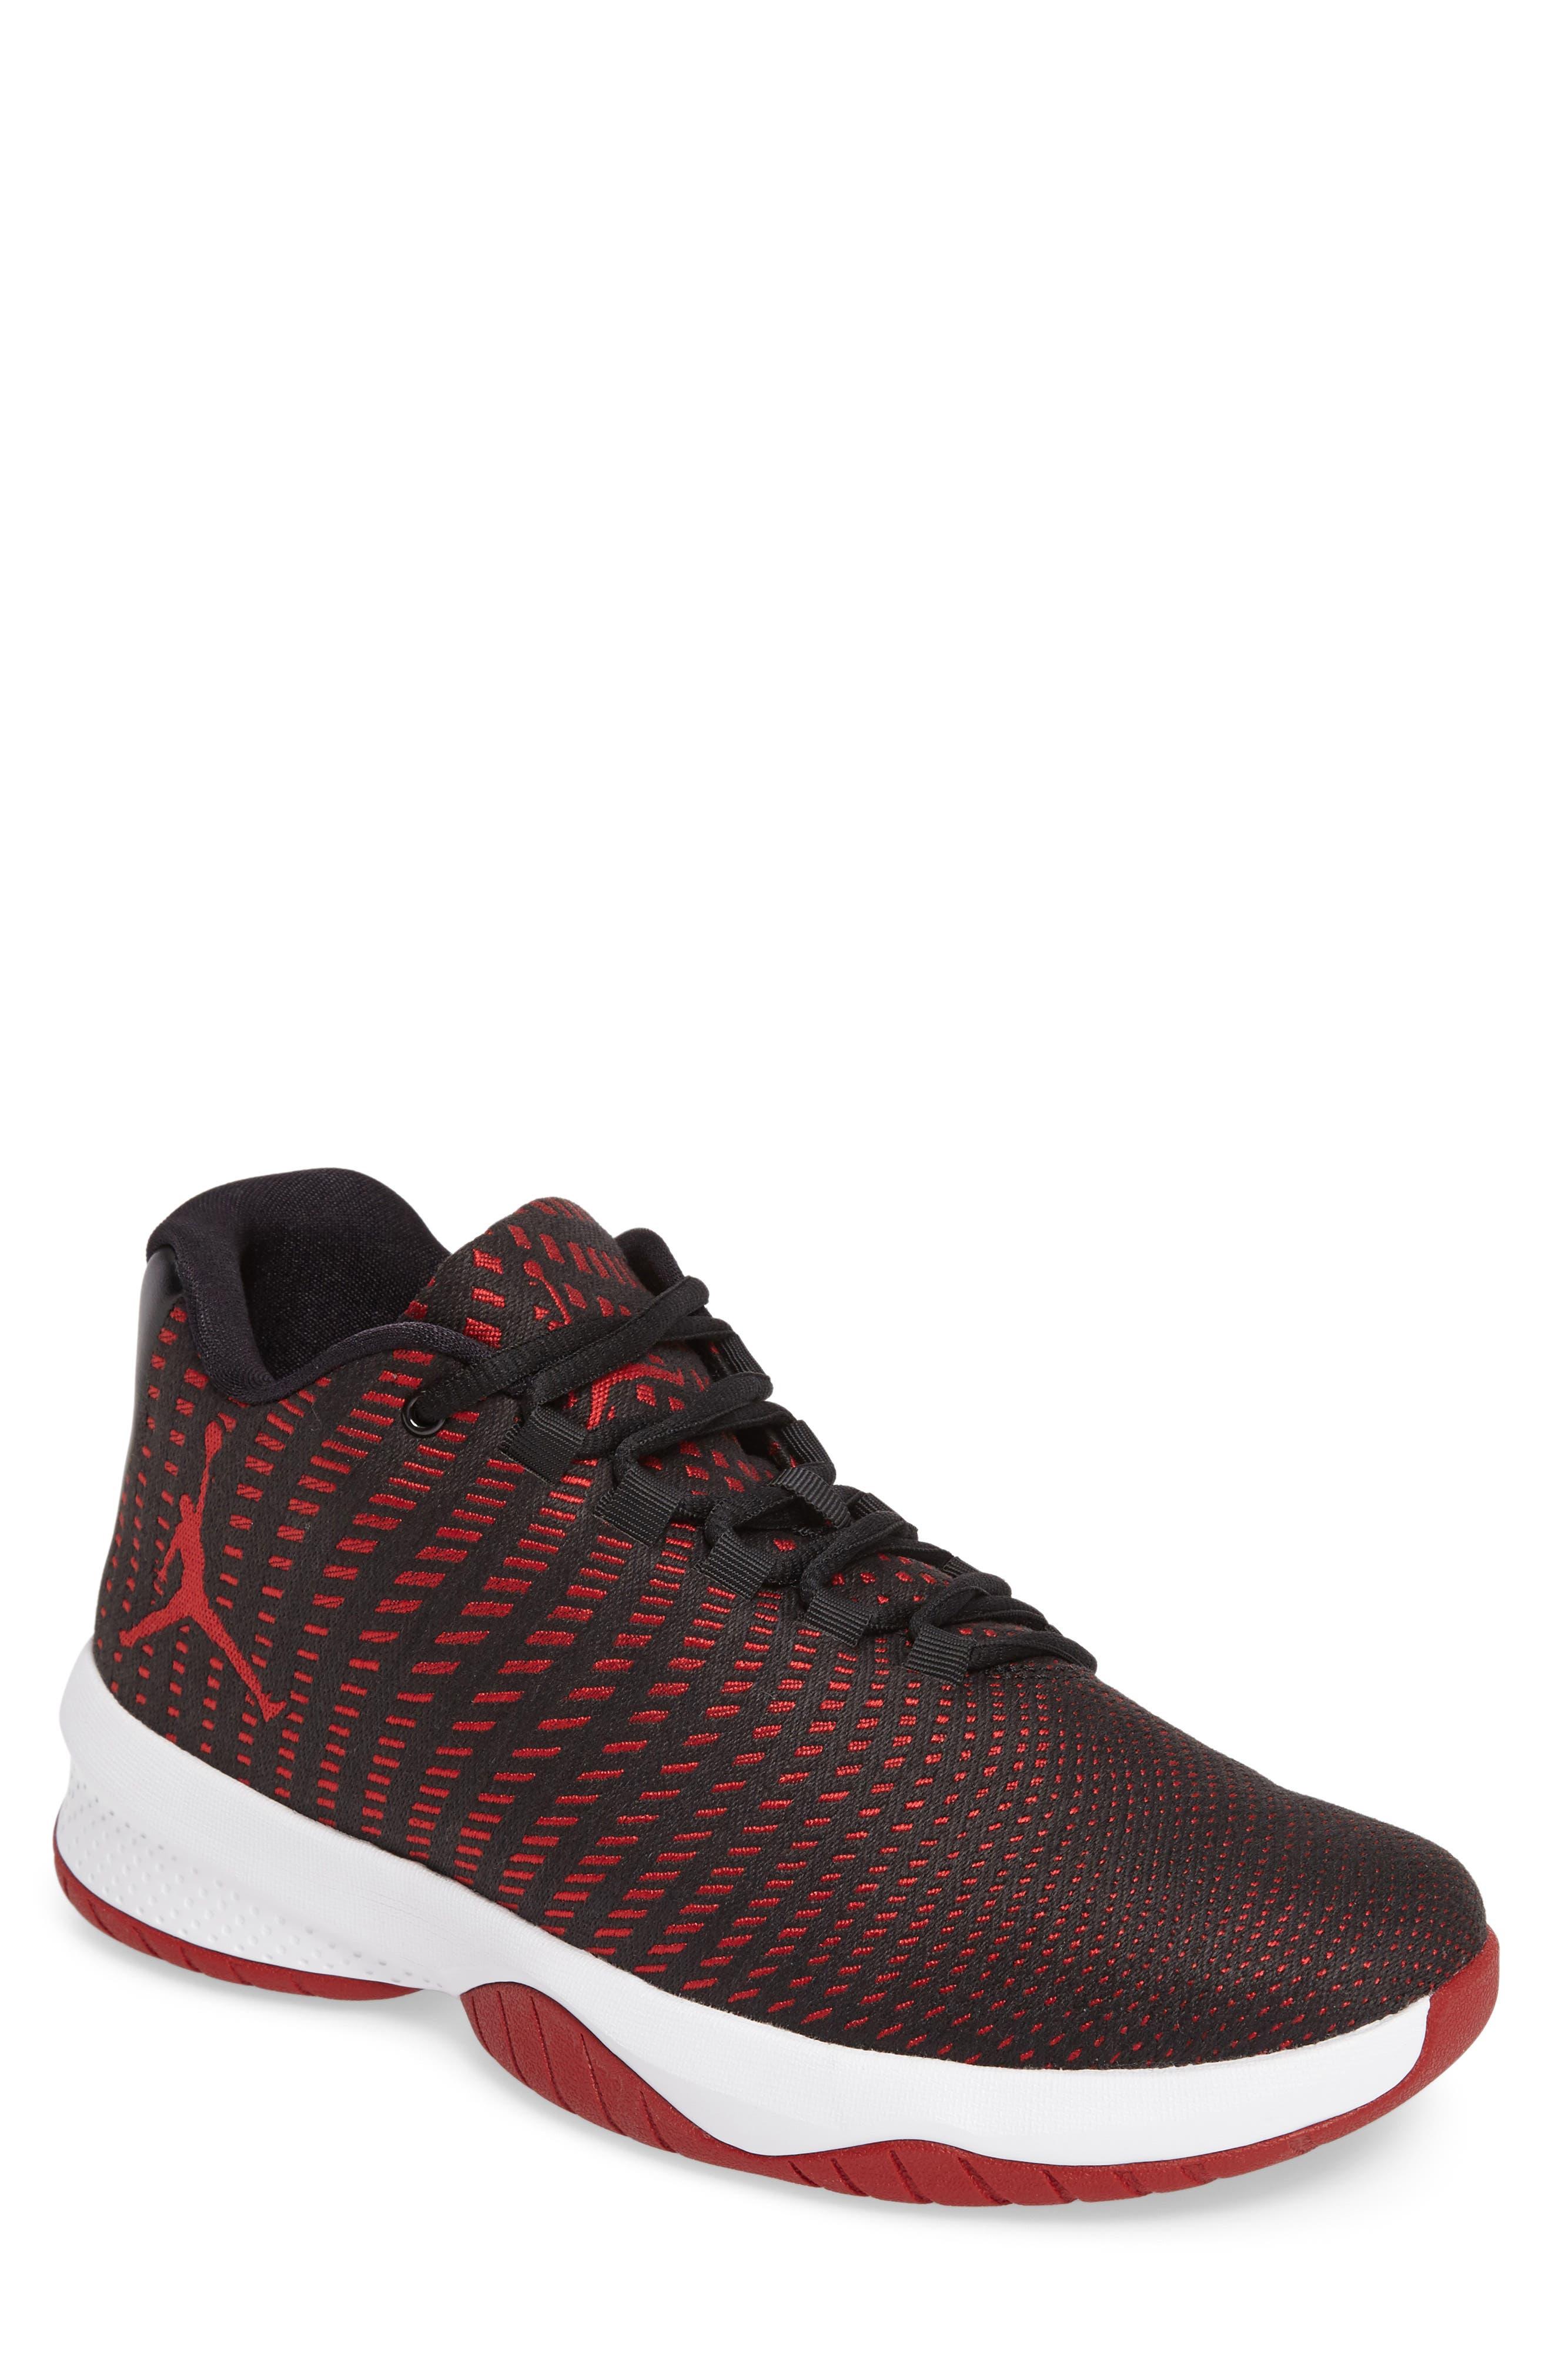 Jordan B. Fly Basketball Shoe,                             Main thumbnail 1, color,                             002